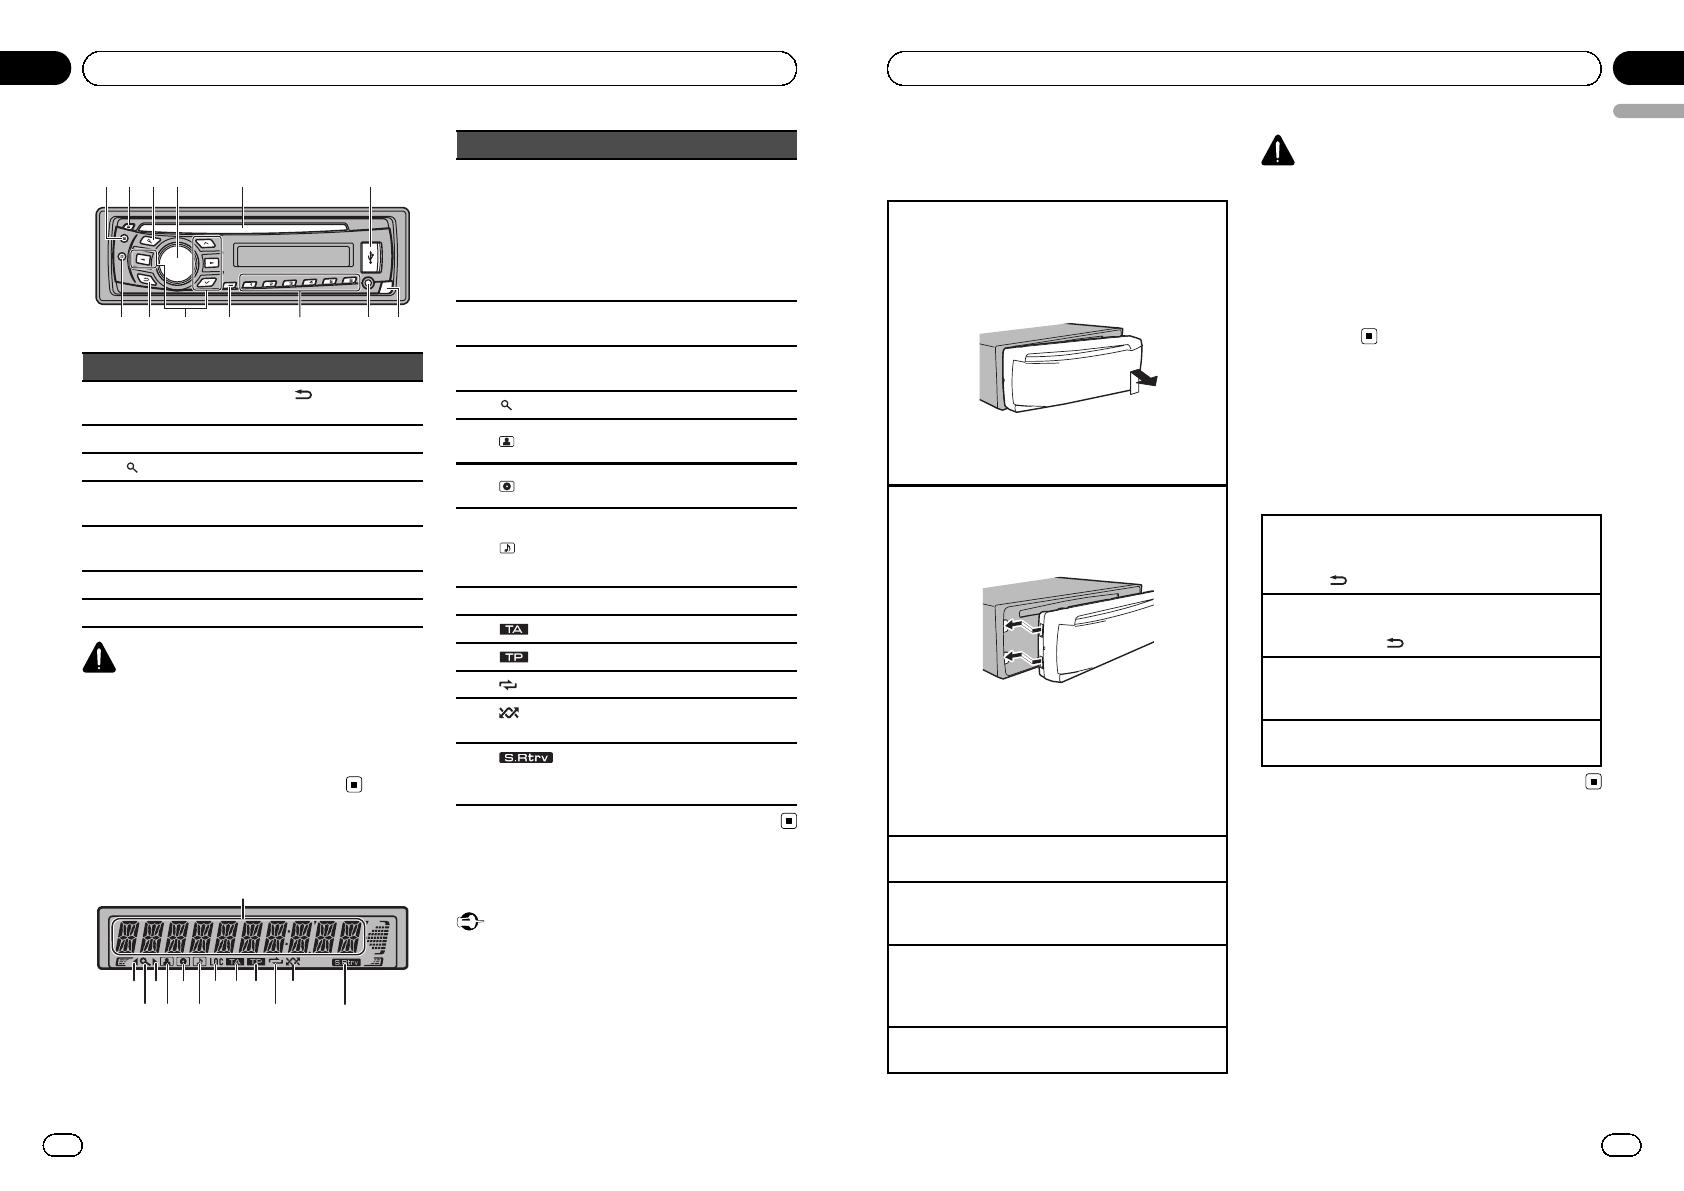 Bedienungsanleitung Pioneer Deh 2300ub Seite 1 Von 84 Deutsch Mosfet 50wx4 Power Ac Or Dc Head Unit